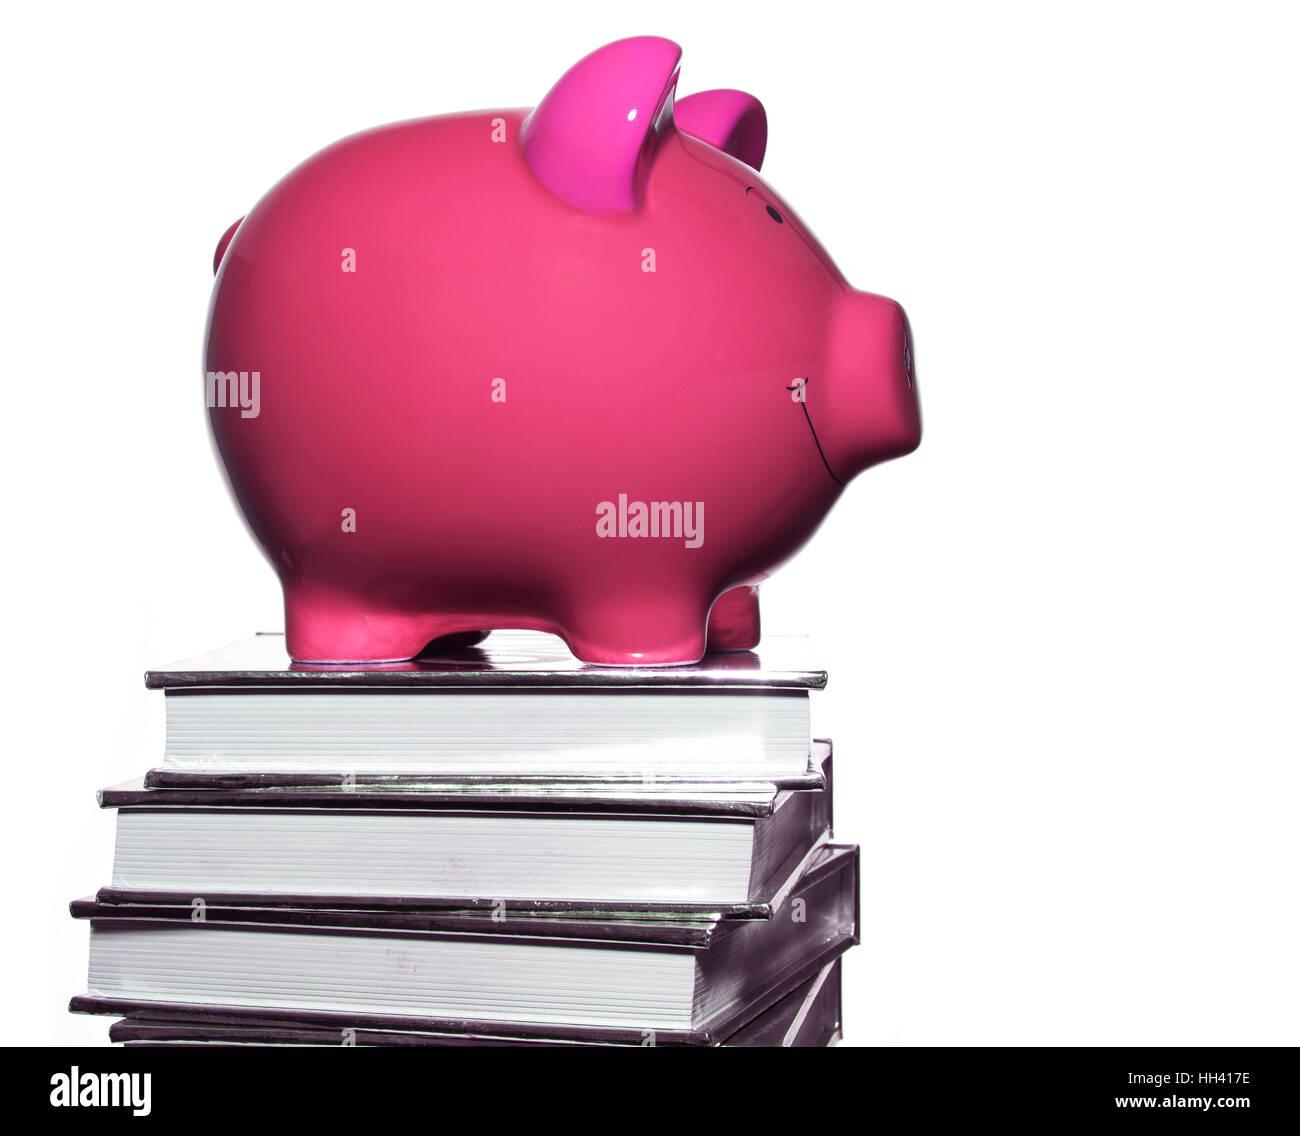 Rosa Sparschwein auf Buch Haufen Stockbild